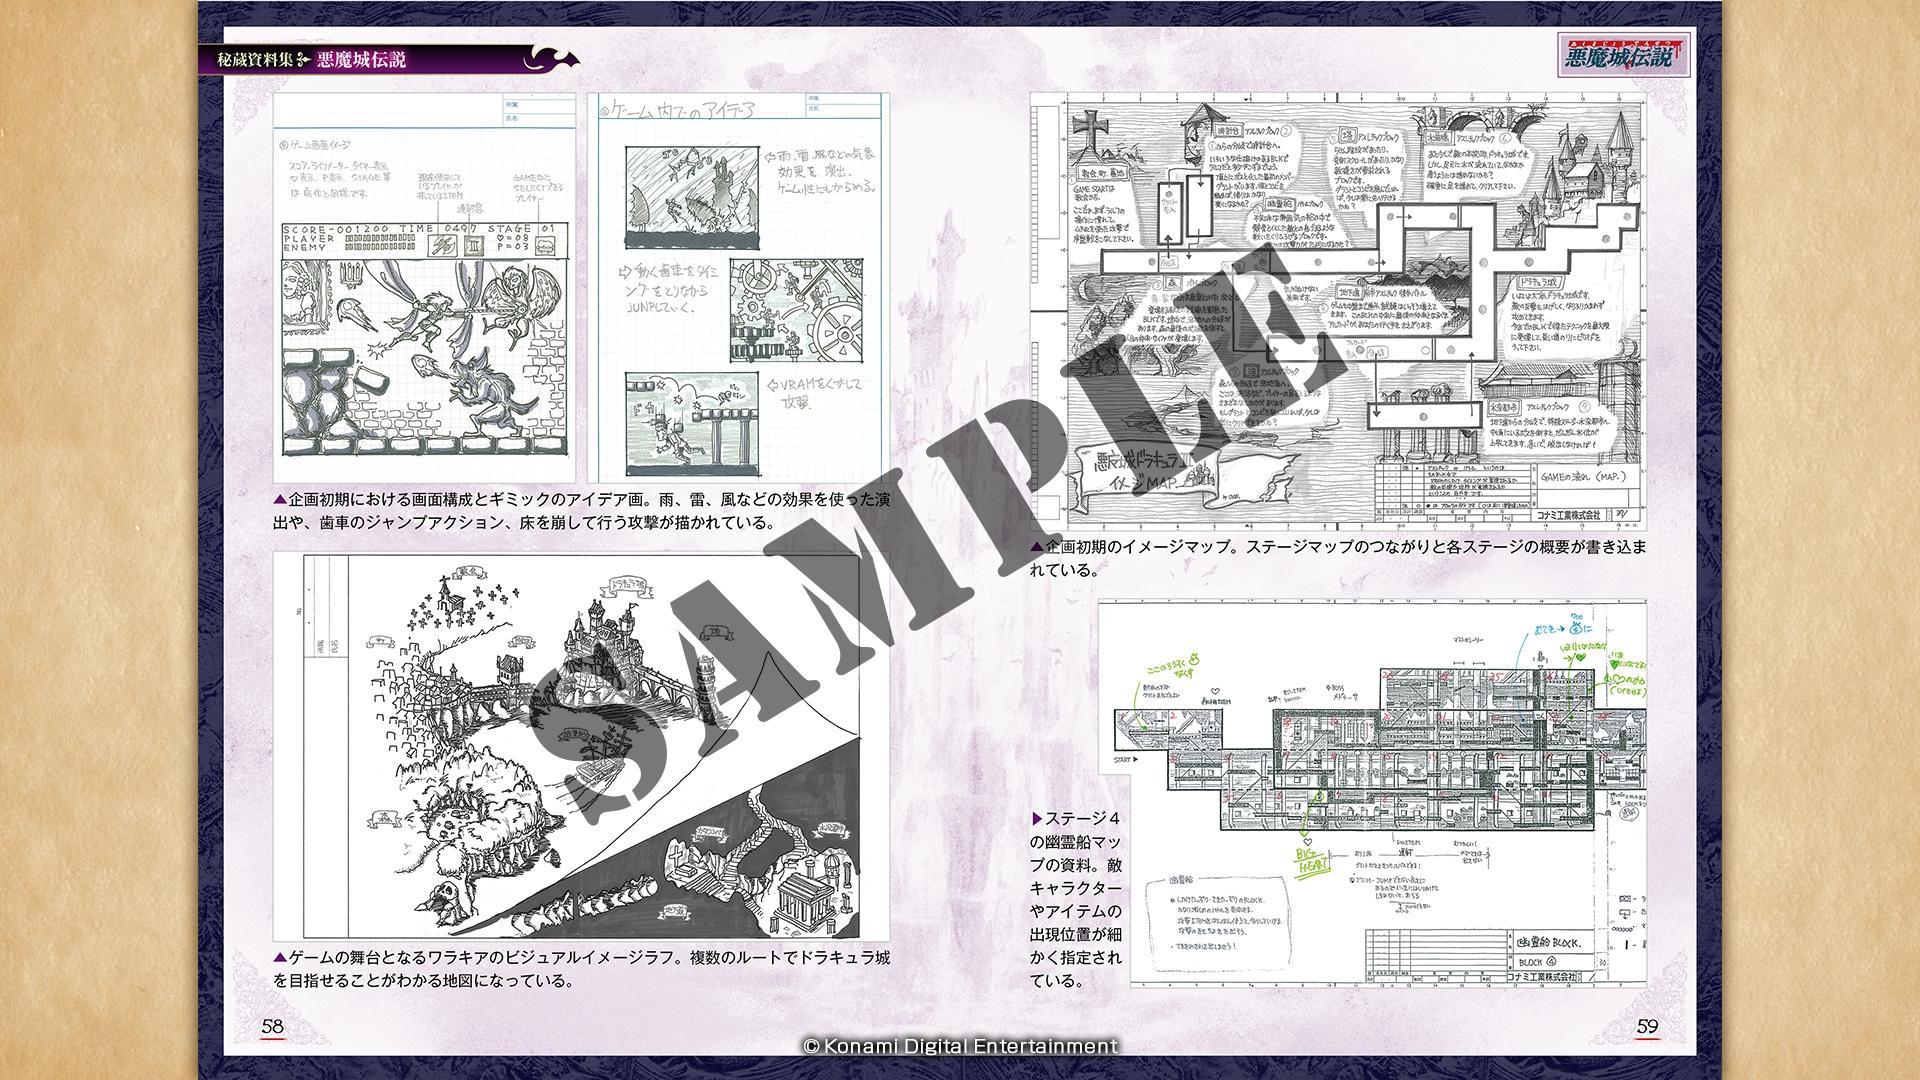 《恶魔城:眷念合集》登岸各平台 珍藏资料集早购附赠